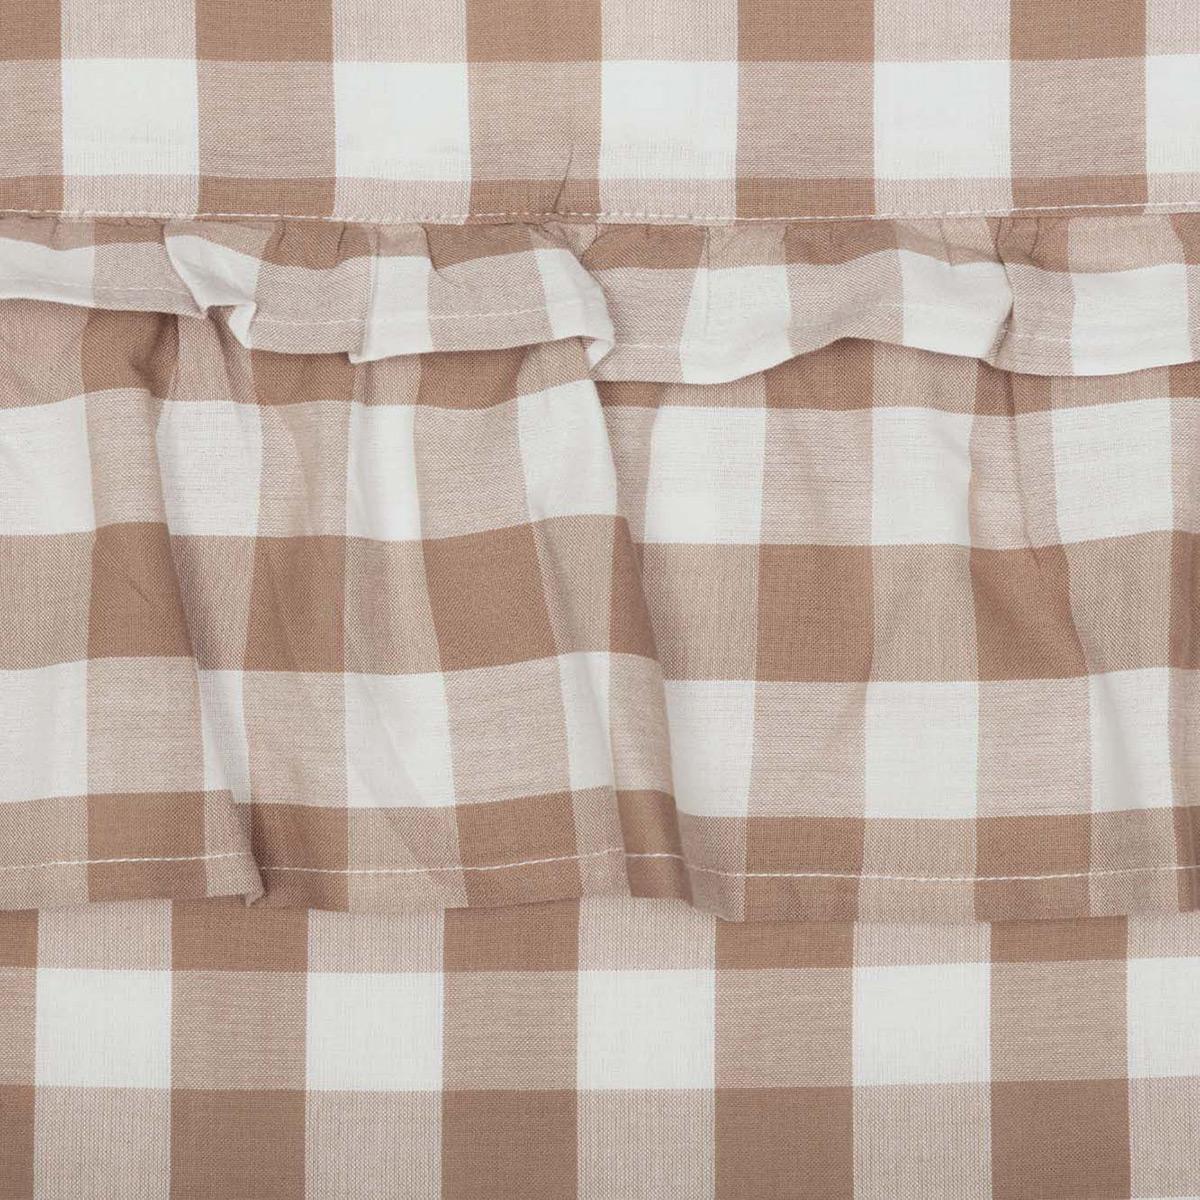 Annie Buffalo Check Portabella Fabric